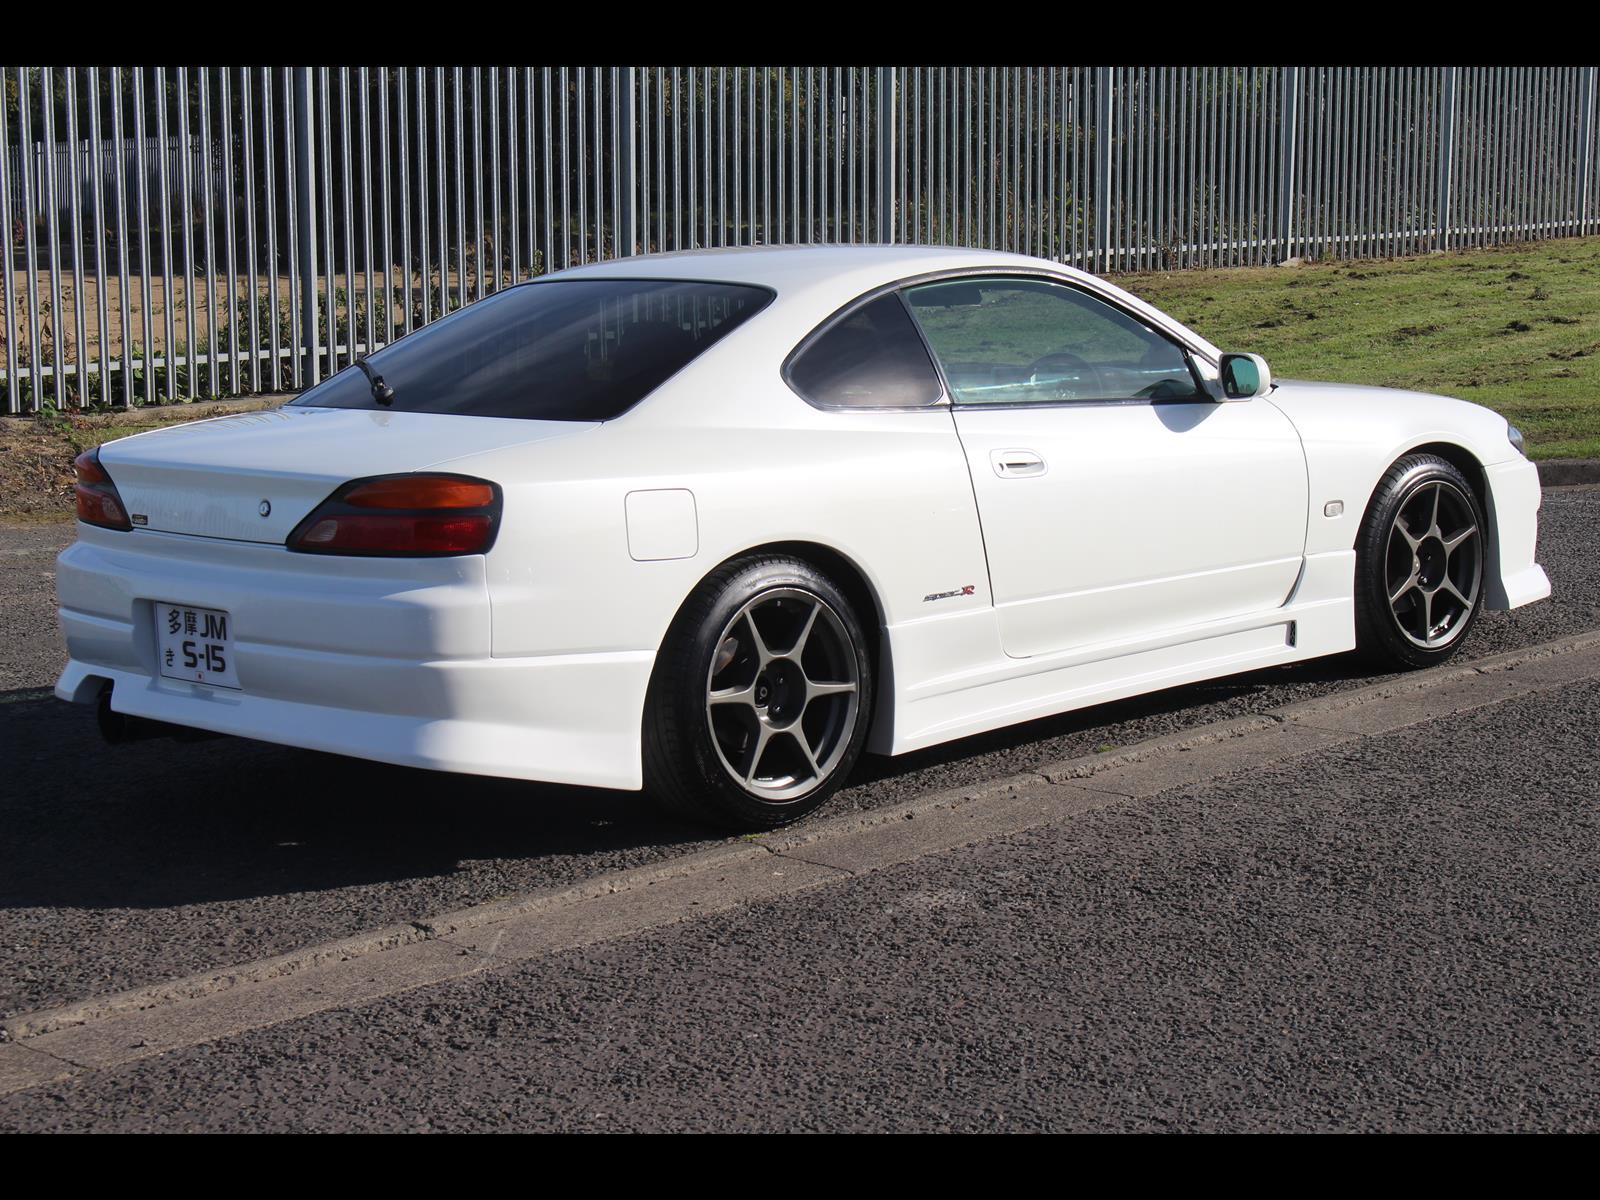 1999 Nissan Silvia S15 Spec R 6 Speed Manual Jm Imports